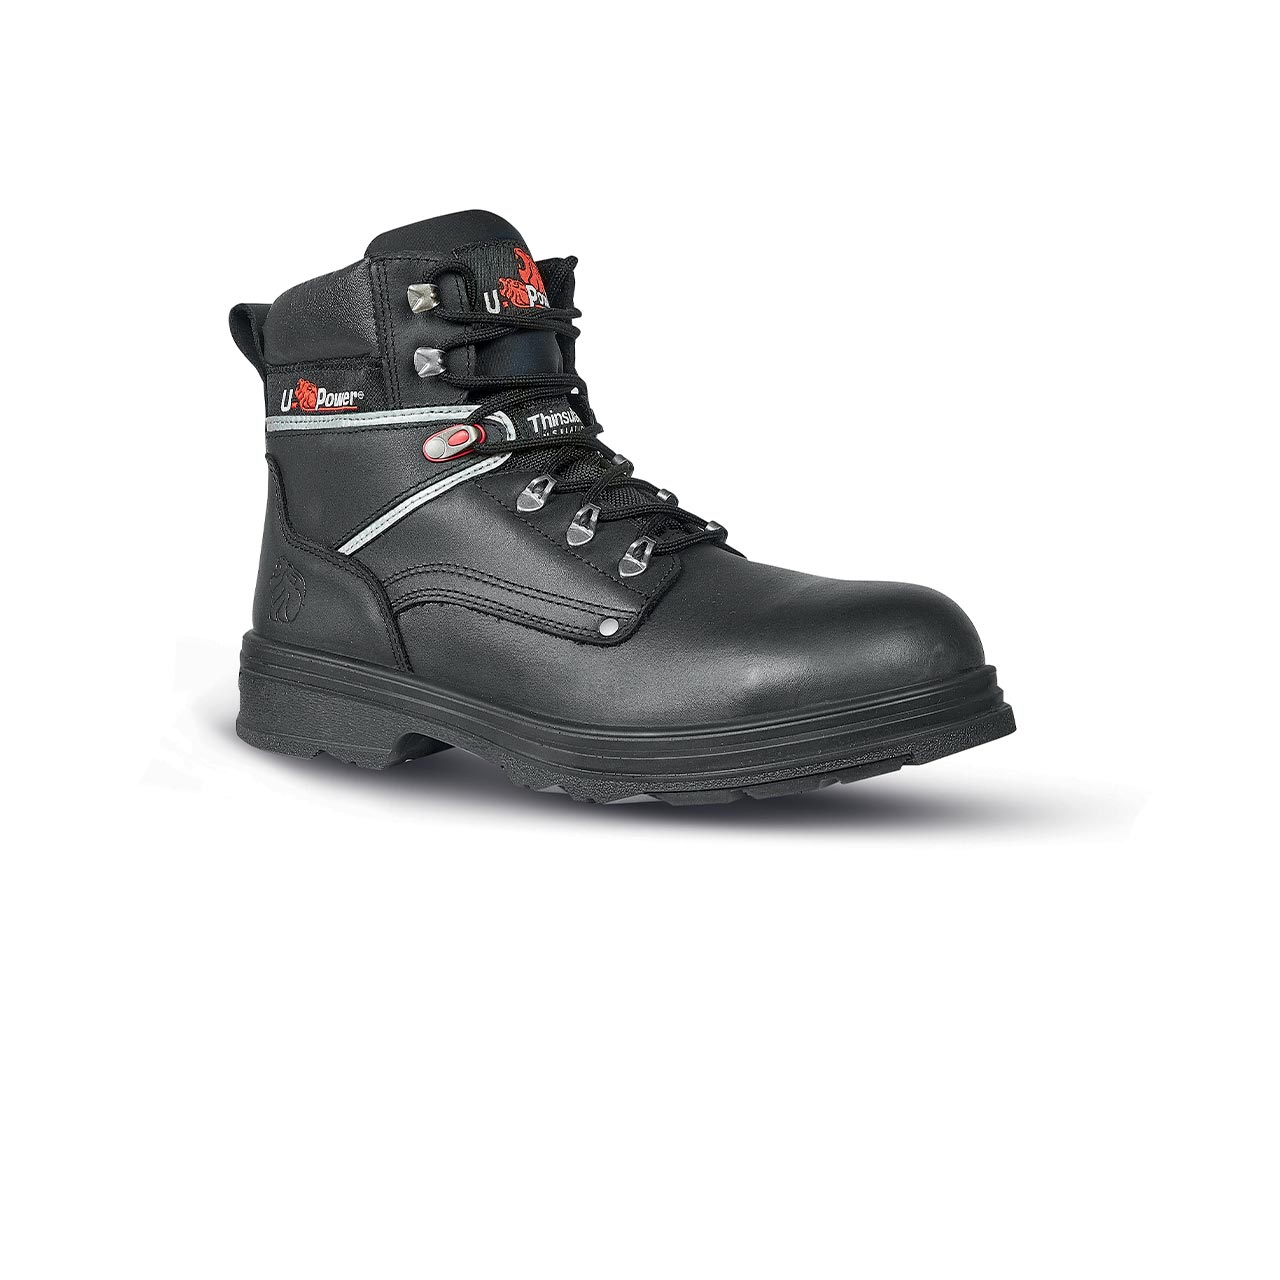 scarpa antinfortunistica upower modello performance linea conceptm vista laterale